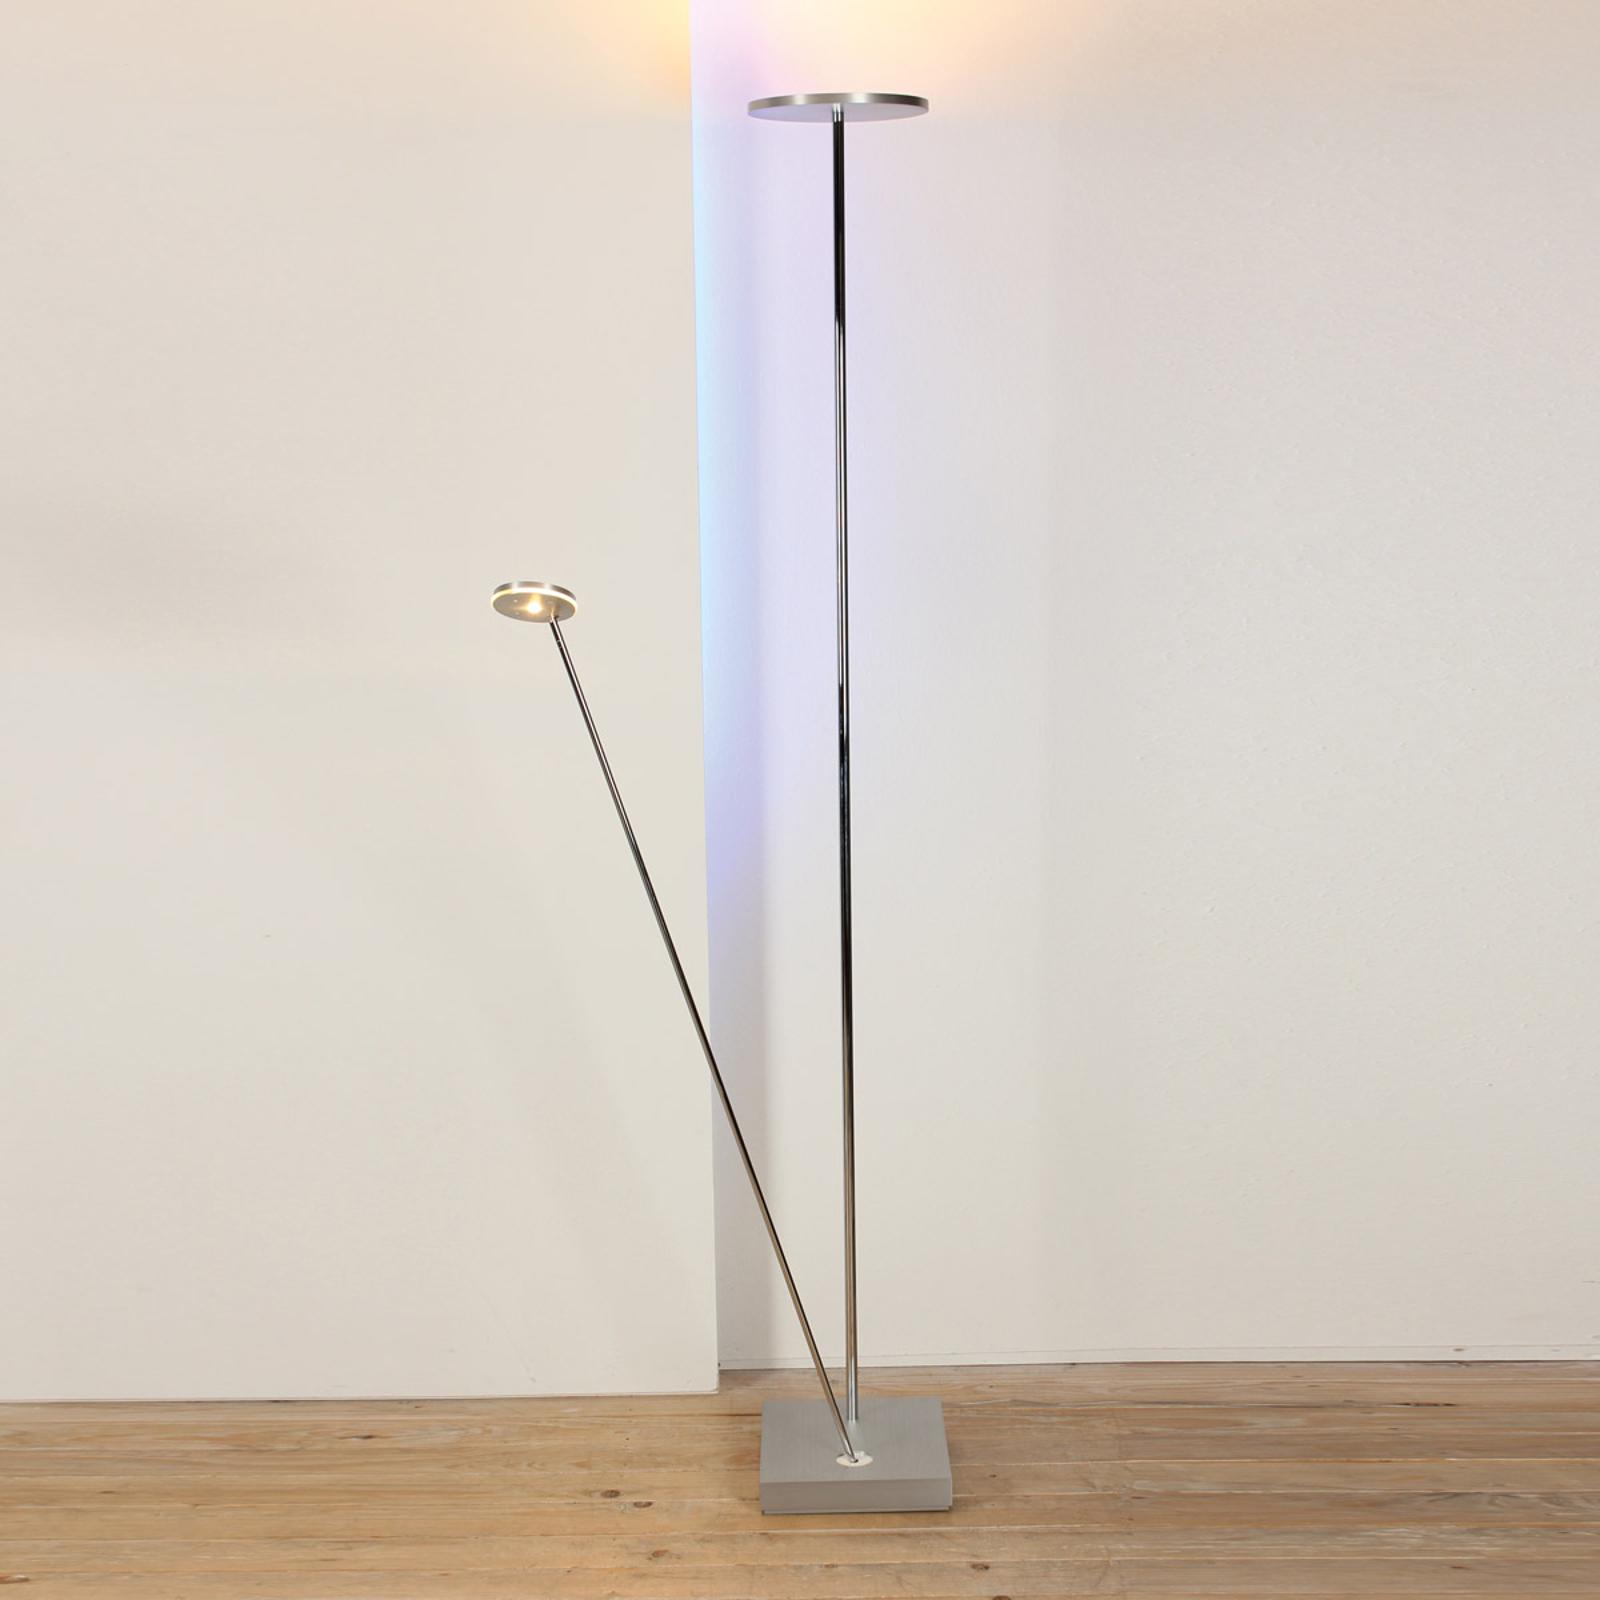 Lampadaire éclairage indirect LED Spot It, liseuse